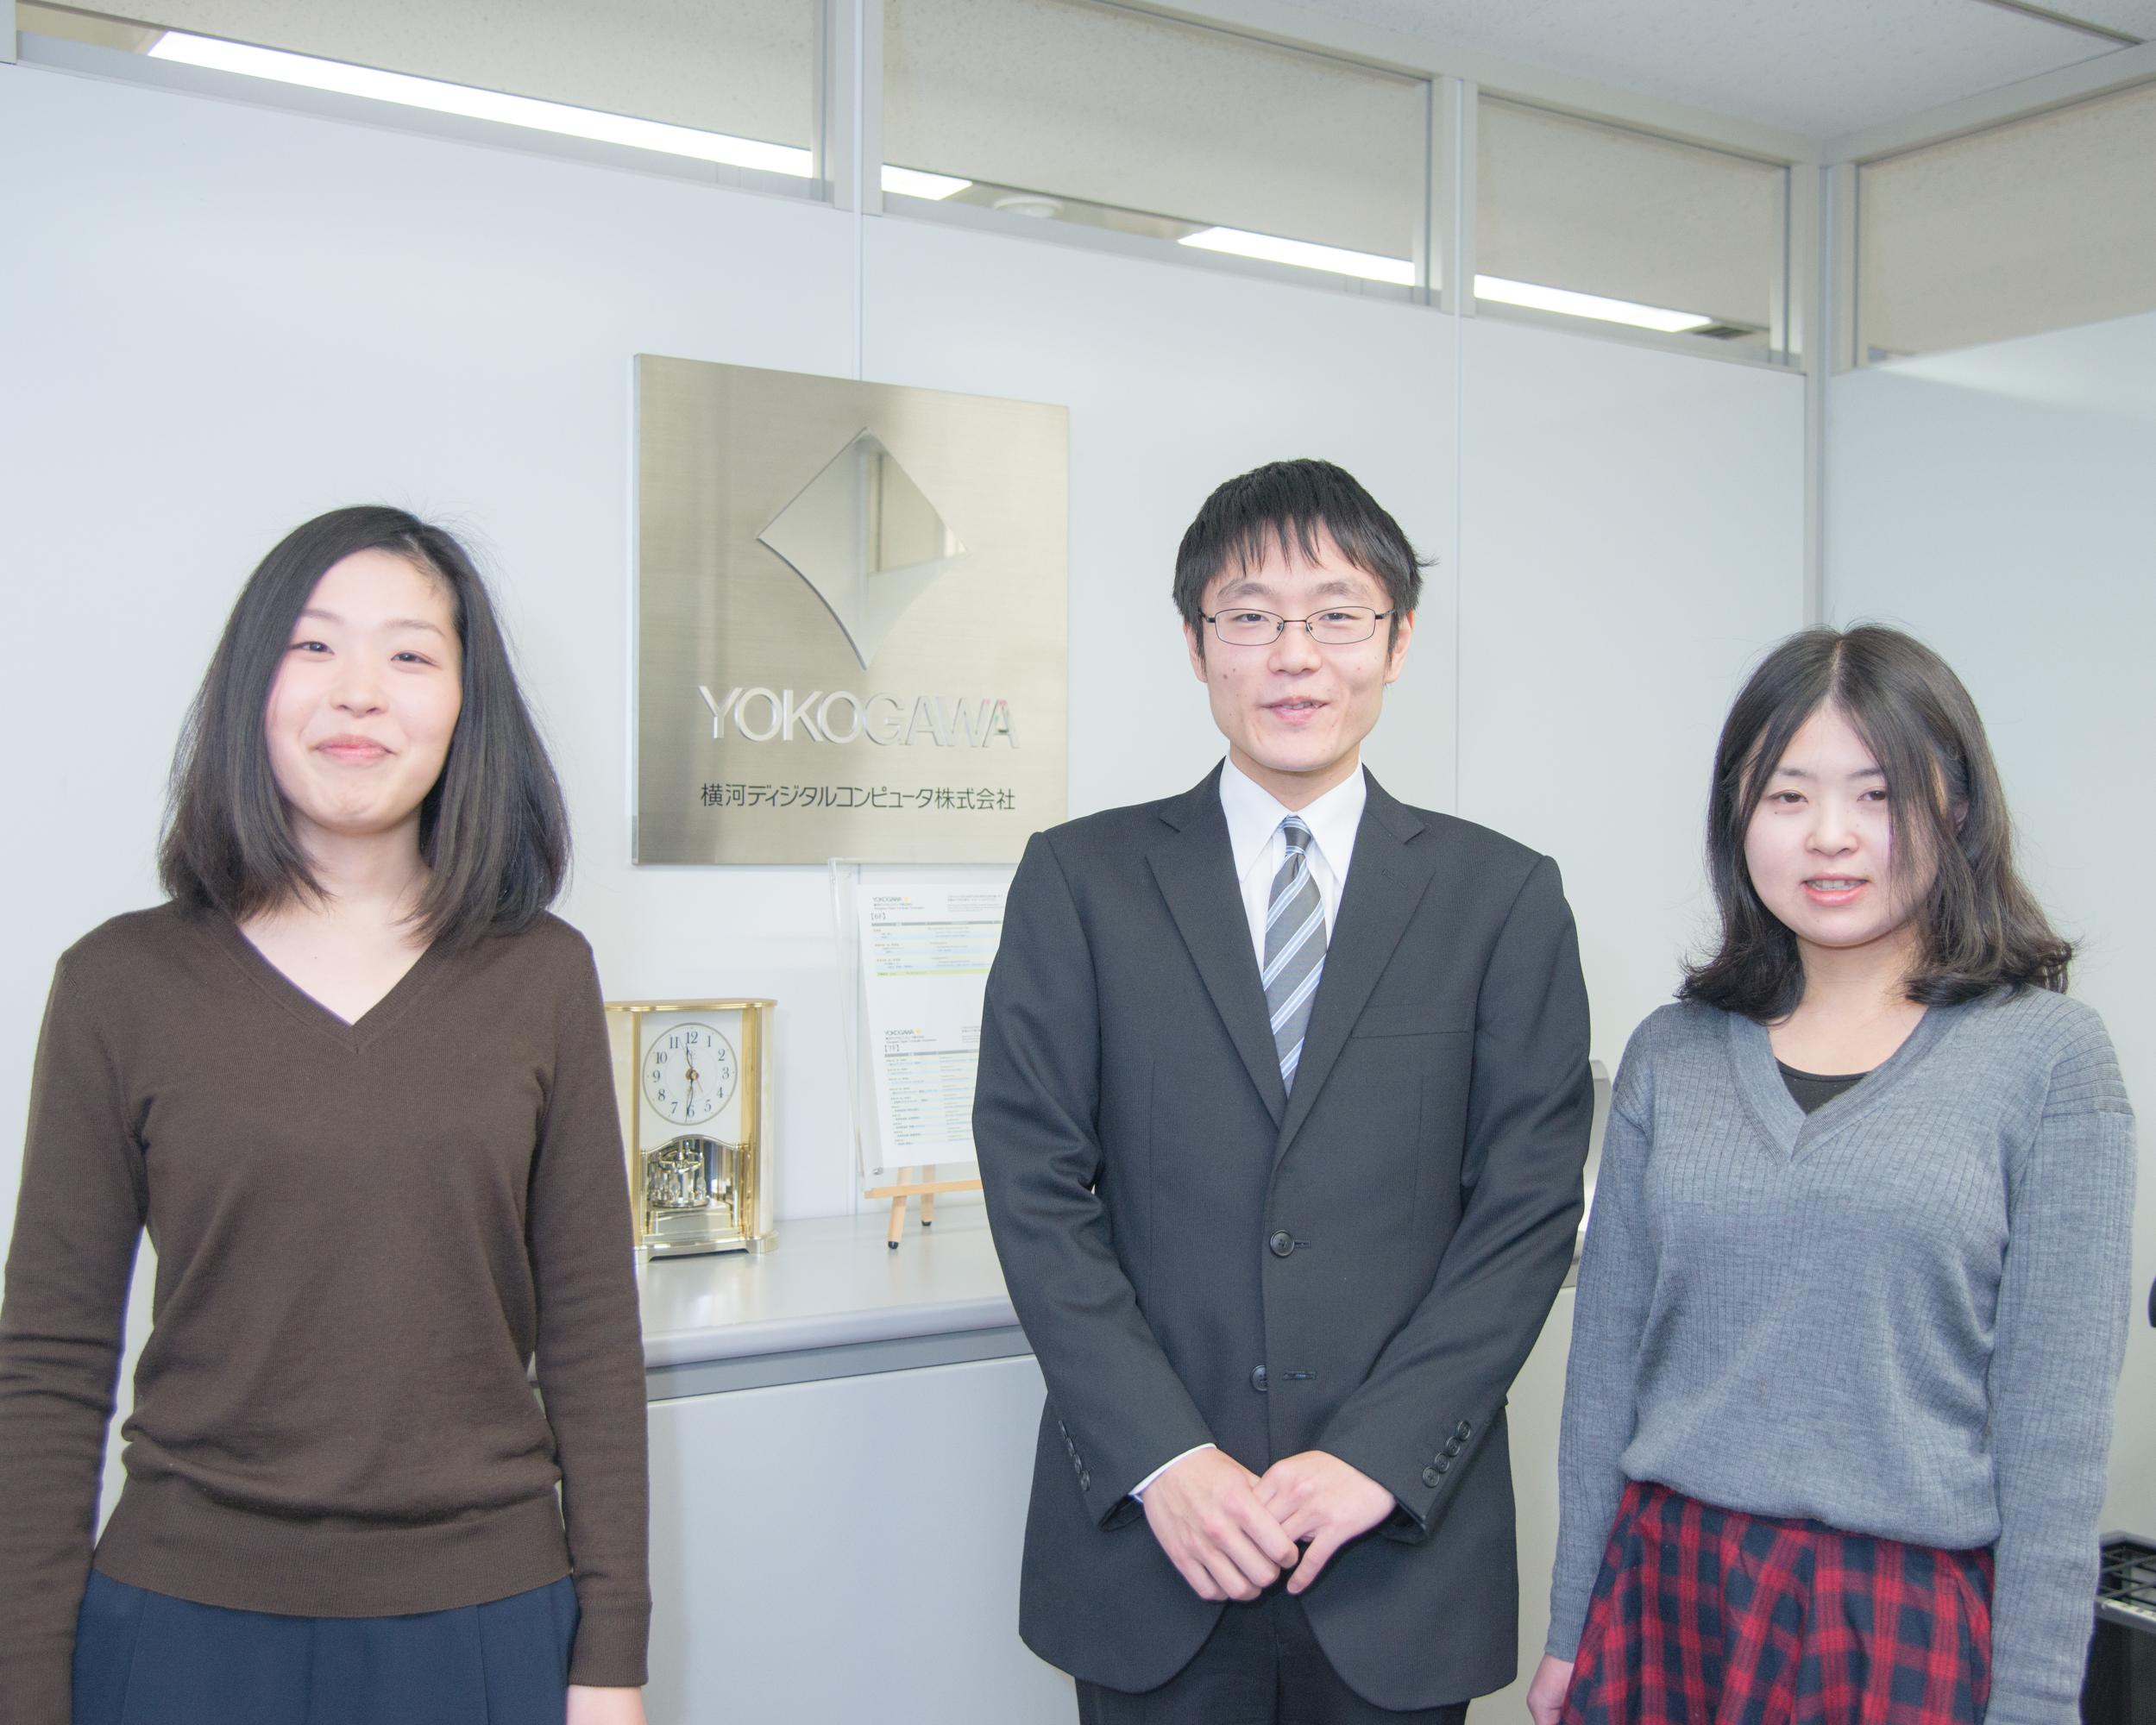 横河ディジタルコンピュータ株式会社